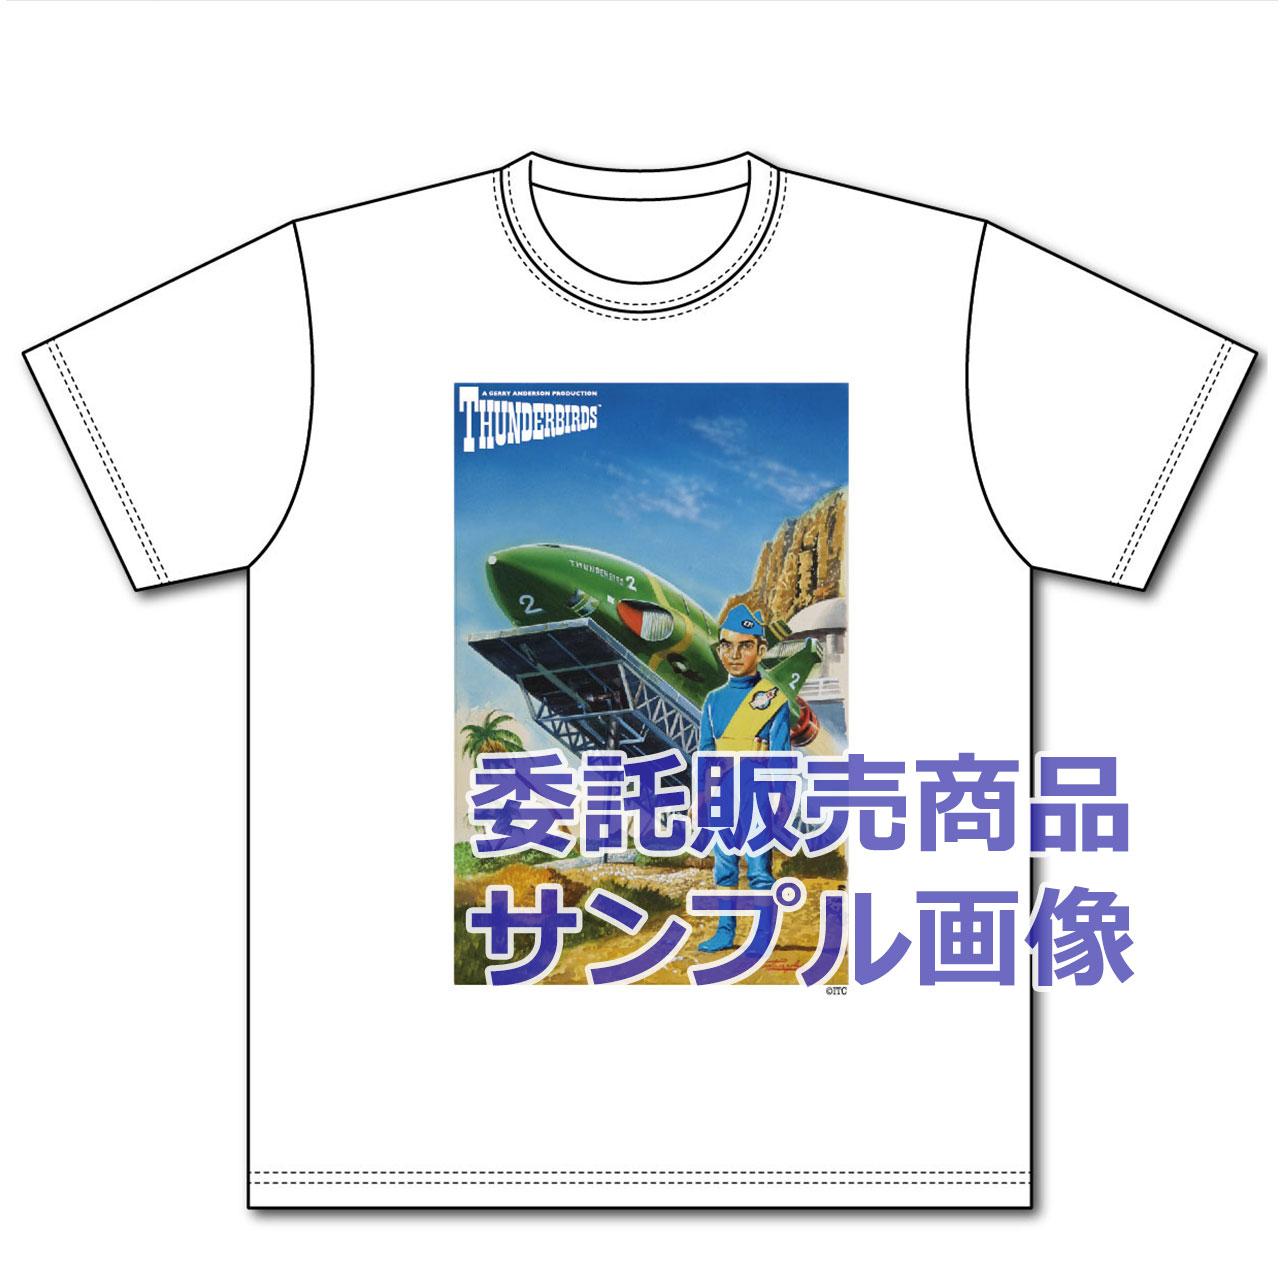 「サンダーバード」Tシャツ2号白